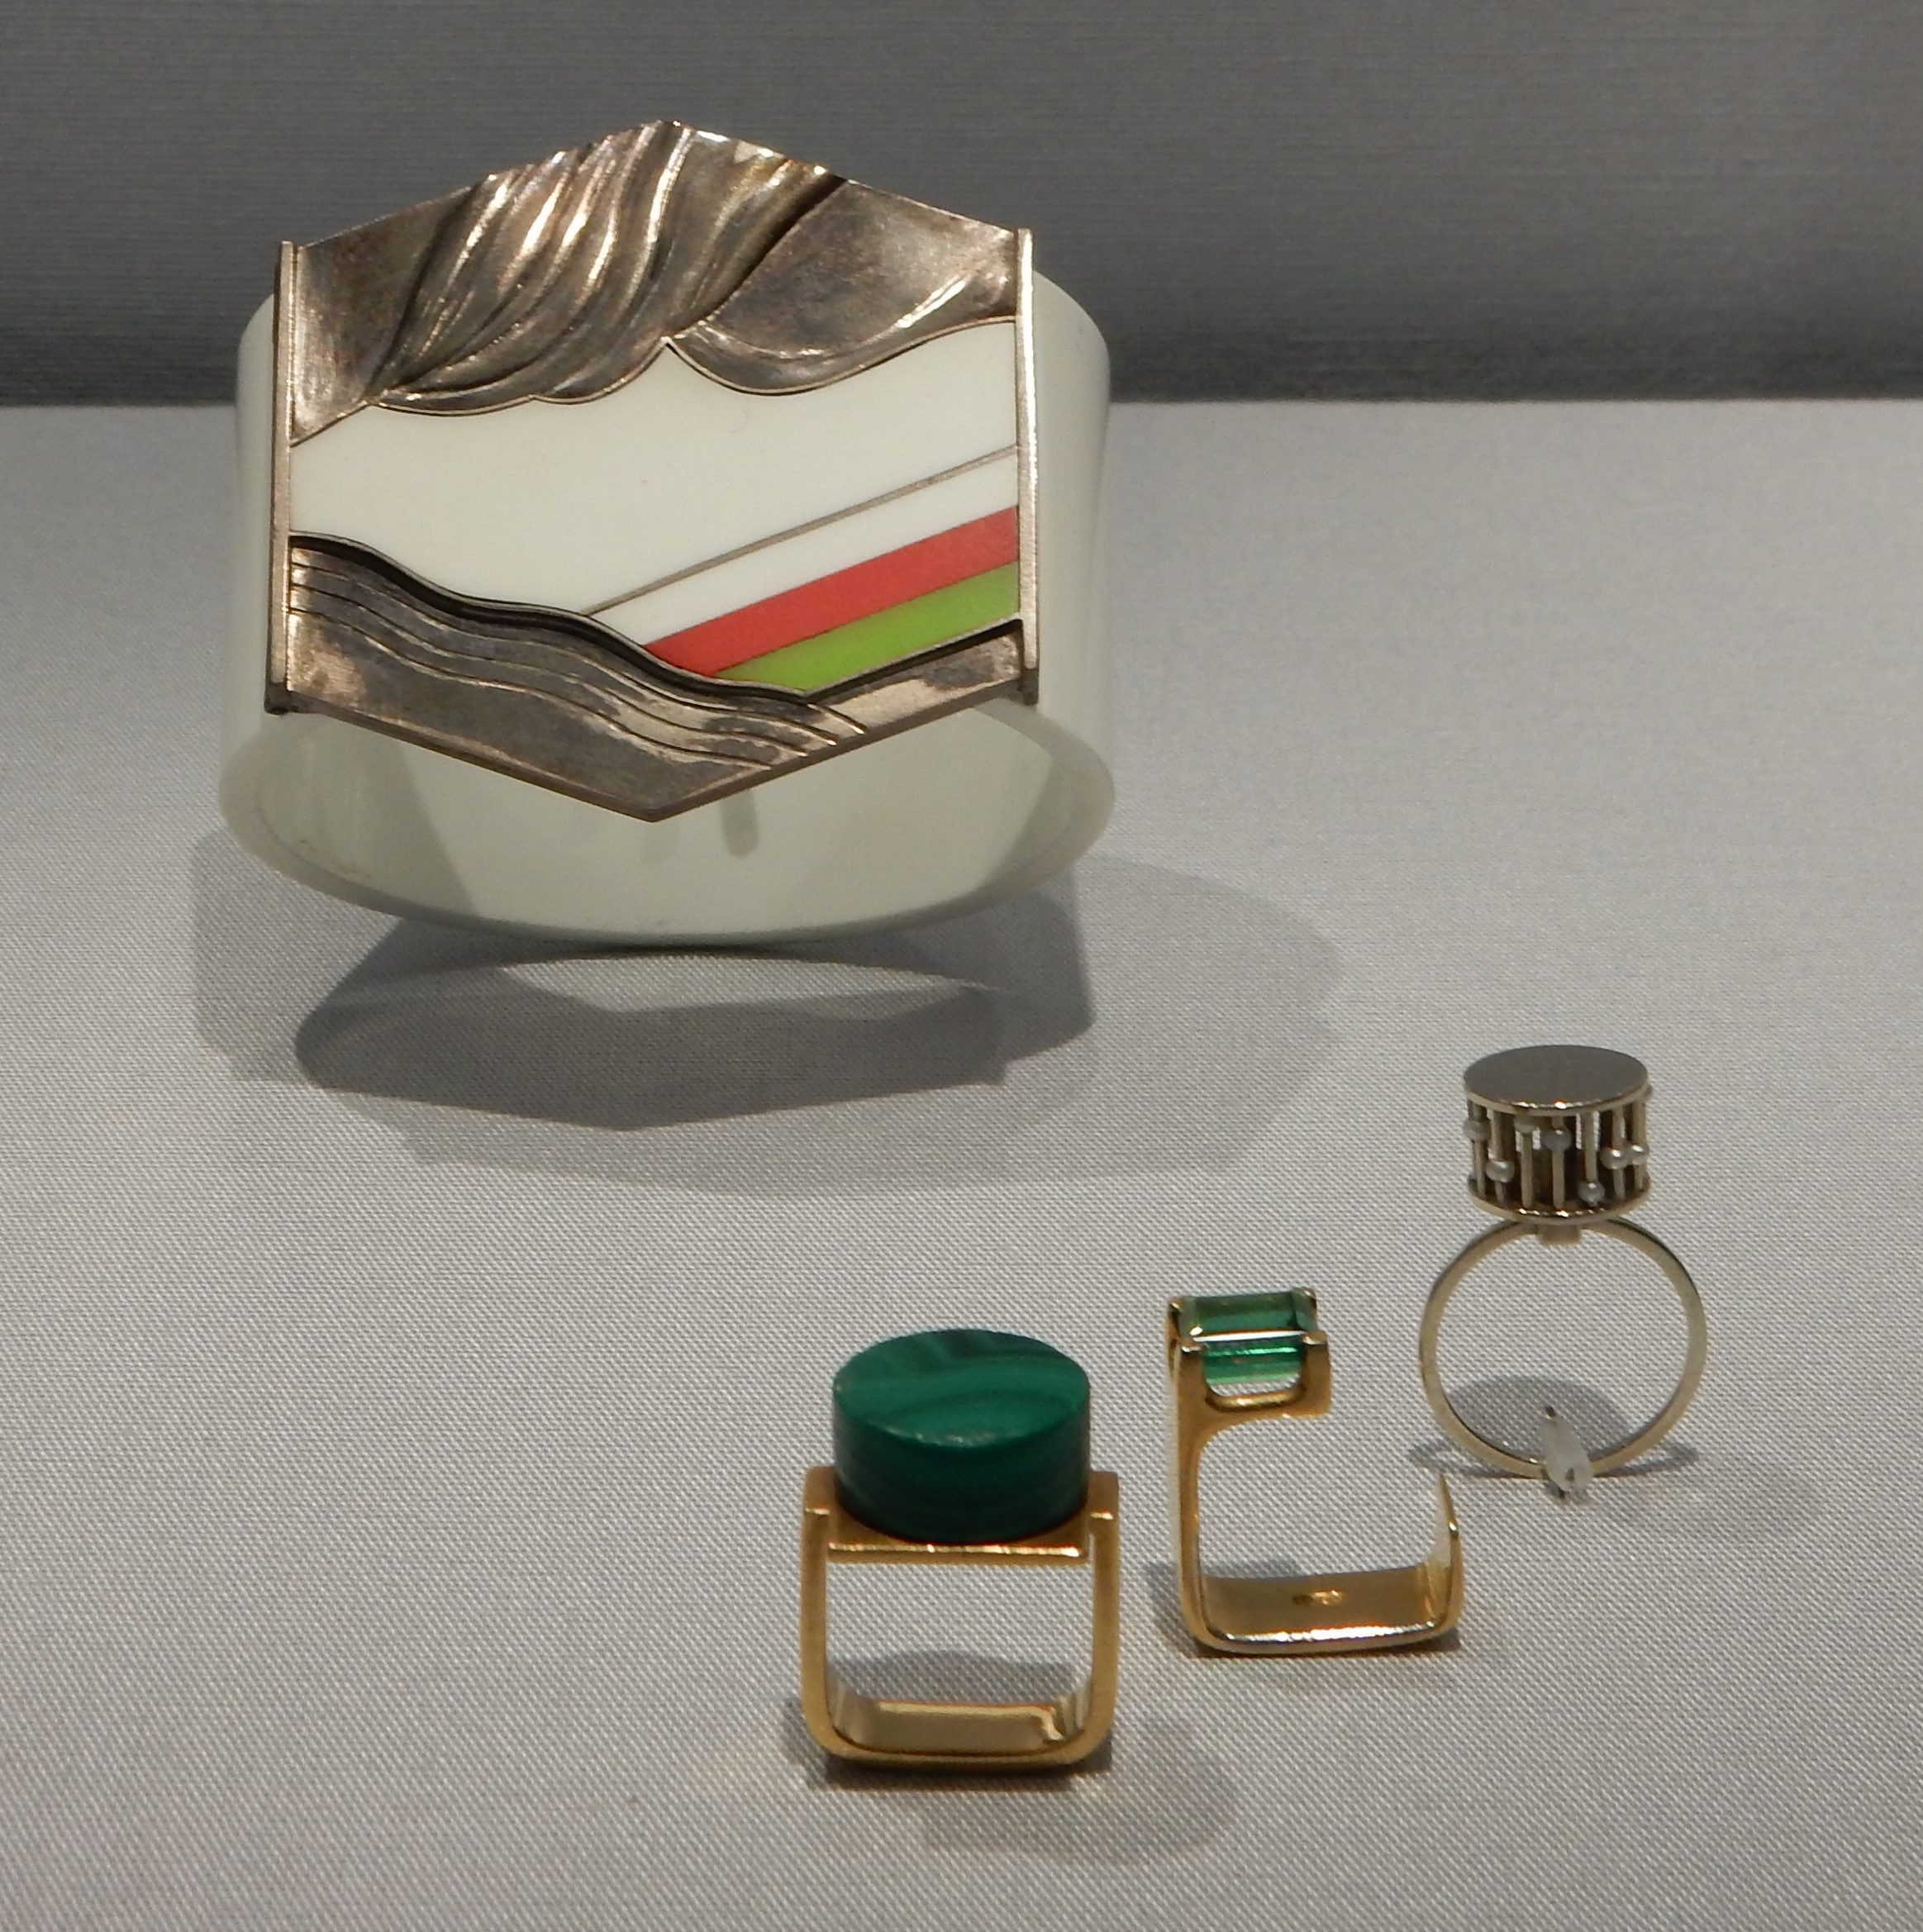 Gerd Rothman, armband, 1969, Monika Backhausen, ringen, circa 1960. Schmuckmuseum Pforzheim. Foto met dank aan Coert Peter Krabbe, september 2018, CC BY 4.0